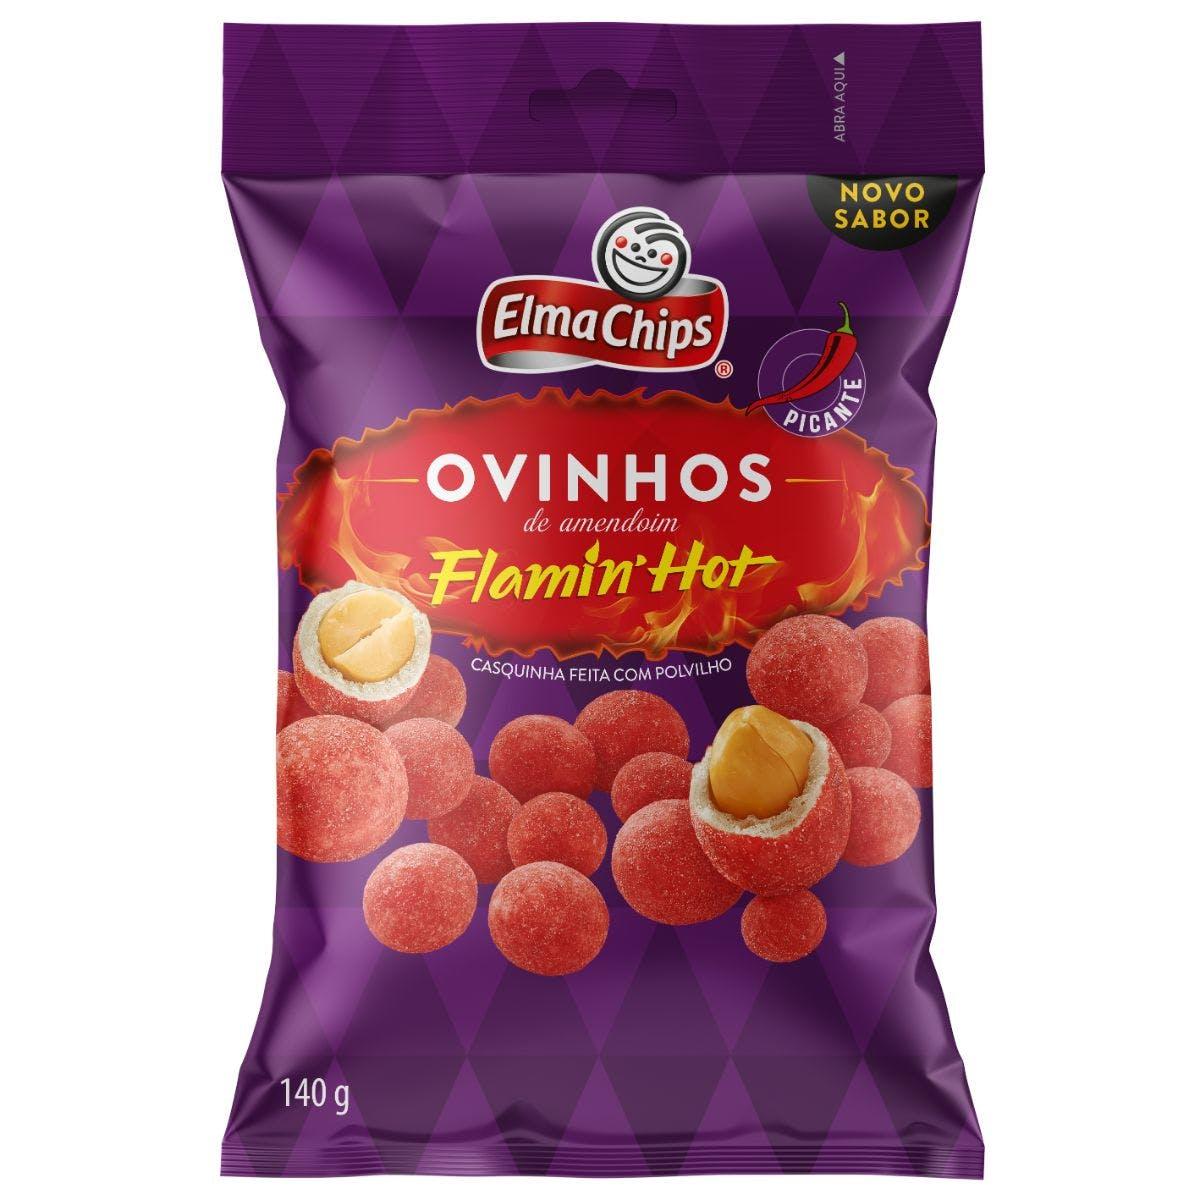 Ovinhos de Amendoim Flamin Hot Elma Chips 140g